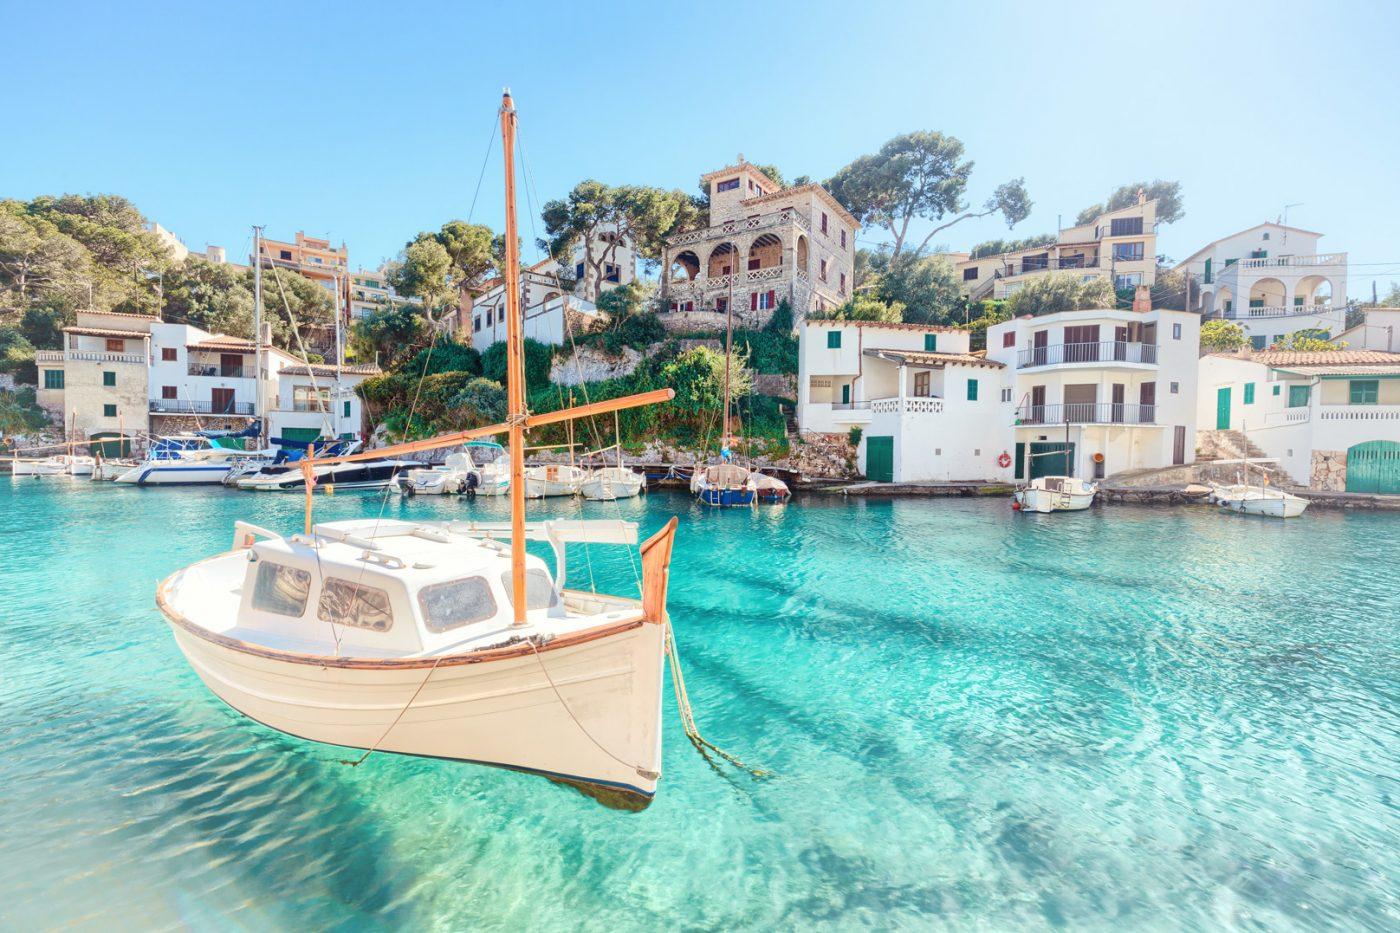 Ein Segelboot auf blauem Wasser vor weißen Häusern an der Küste von Mallorca.